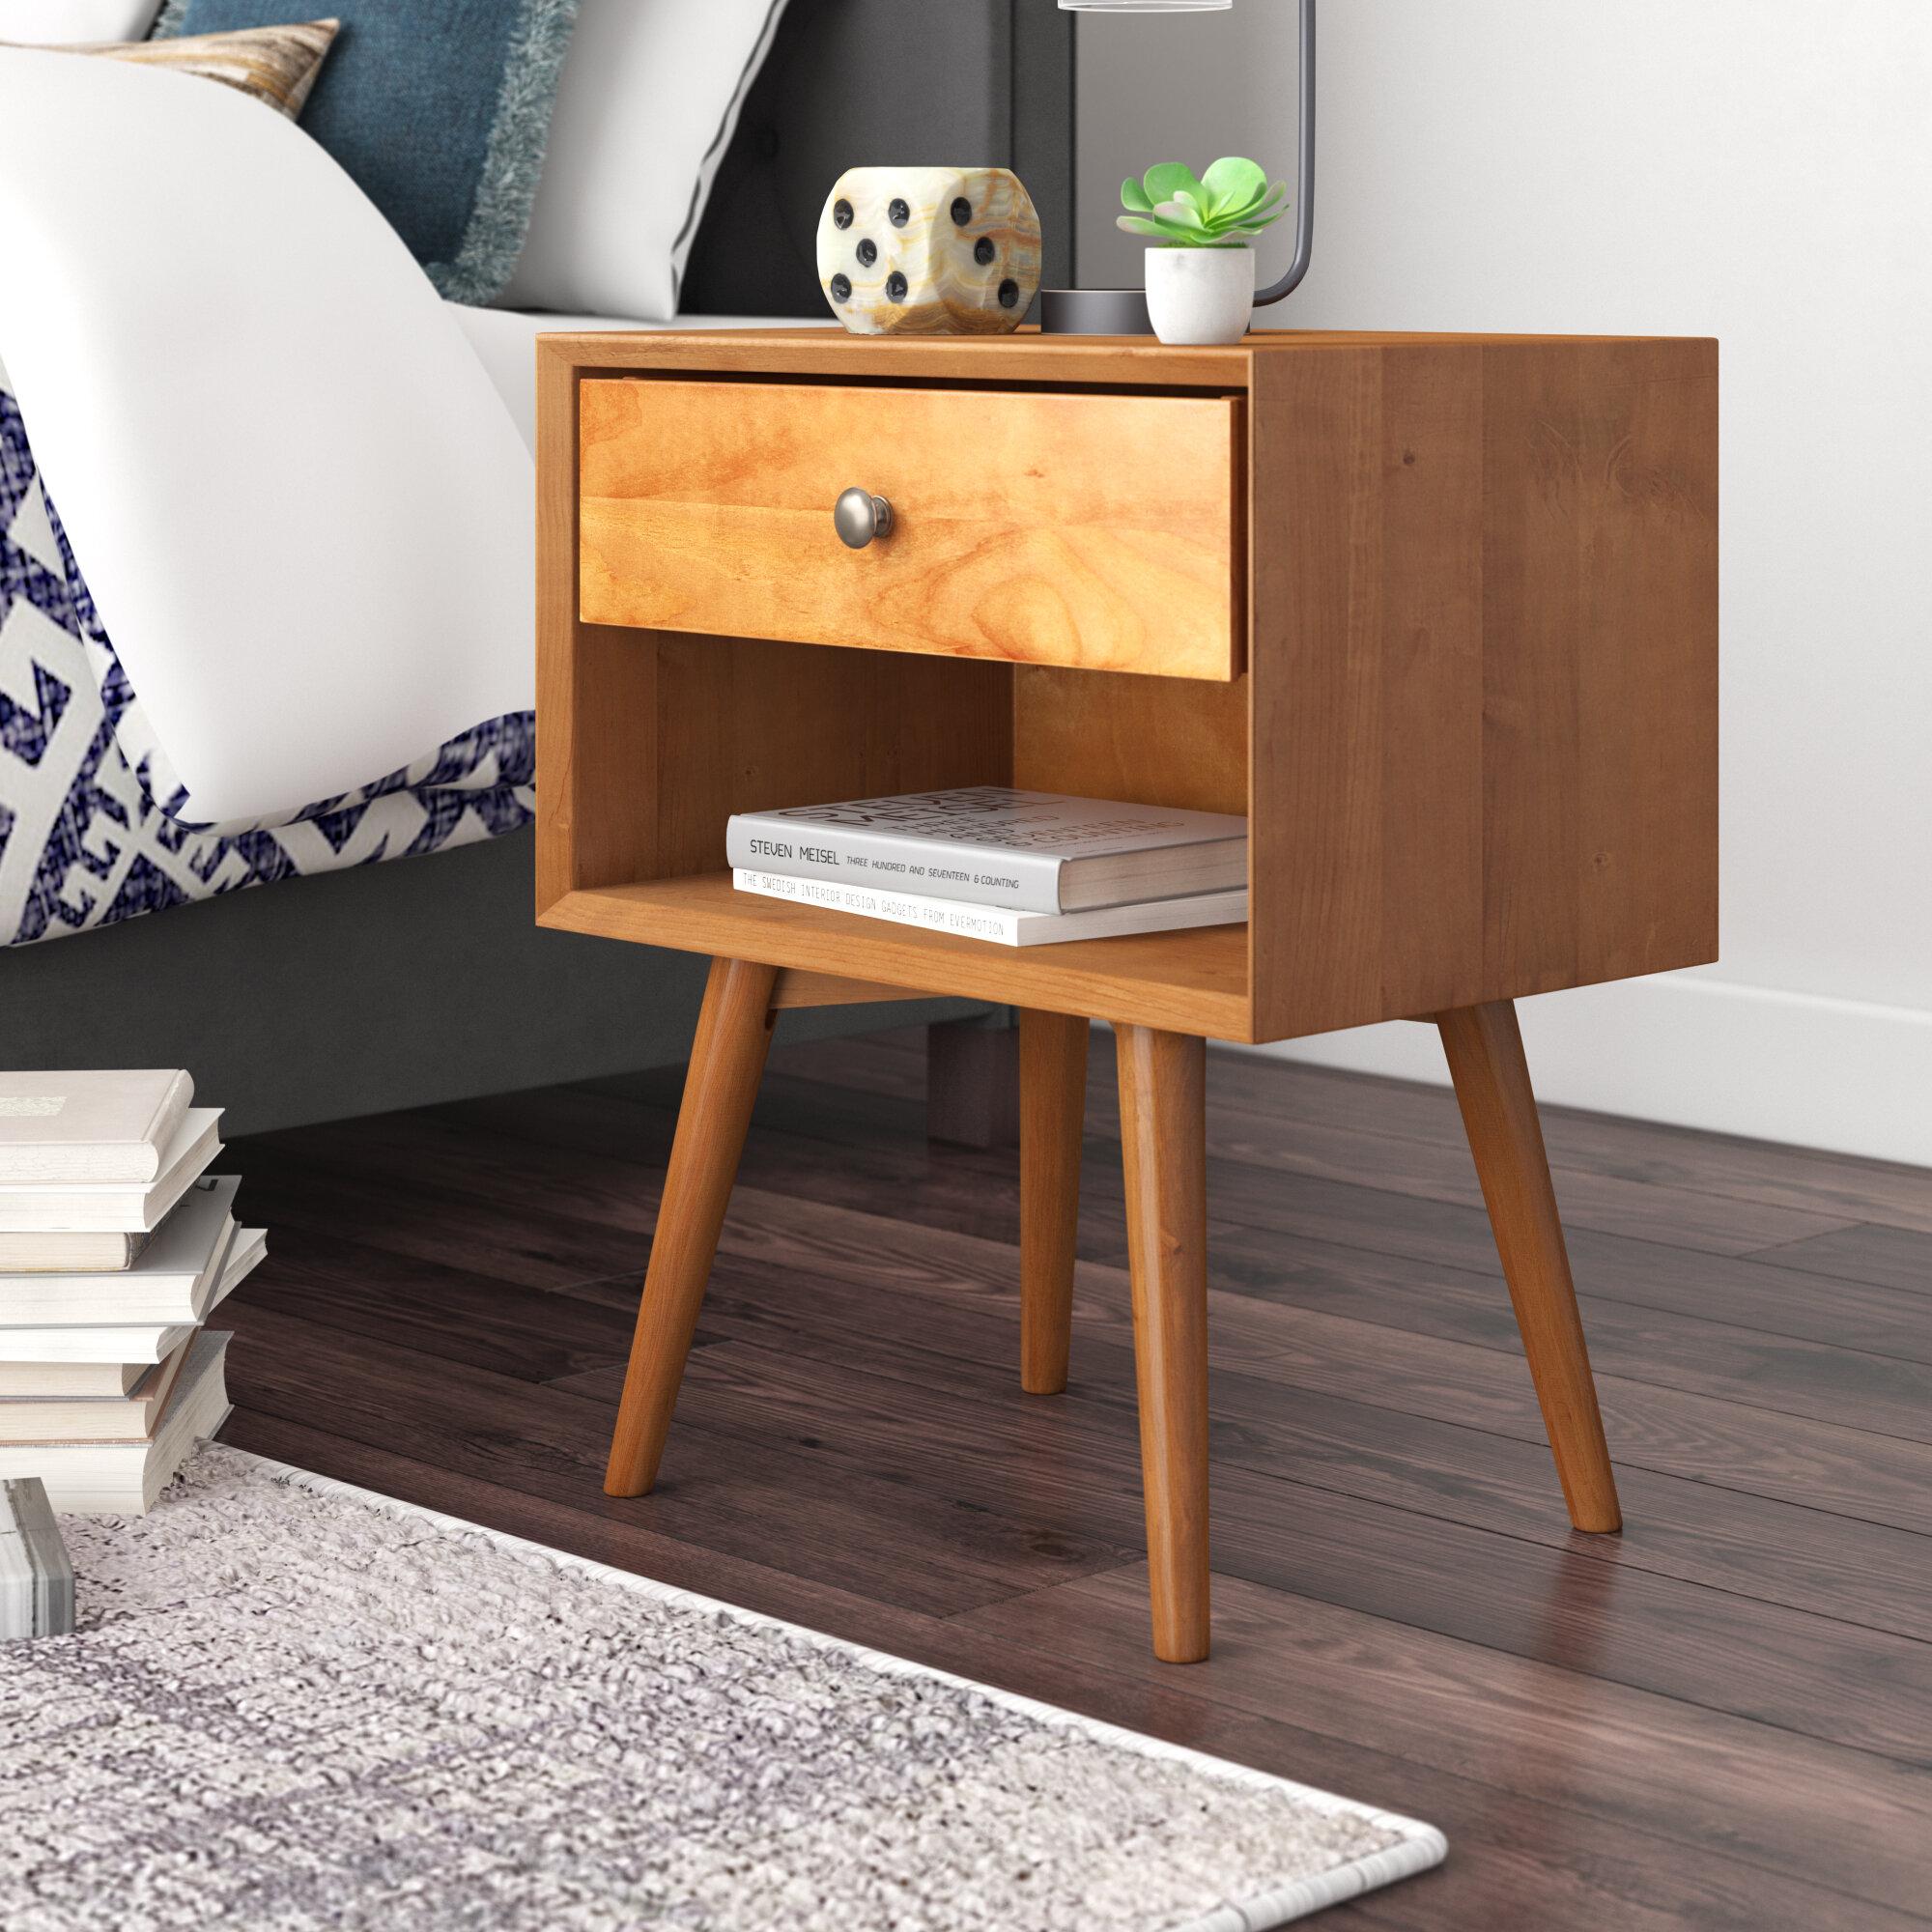 Brayden Studio Gertz 1 Drawer Bedside Table Reviews Wayfair Co Uk